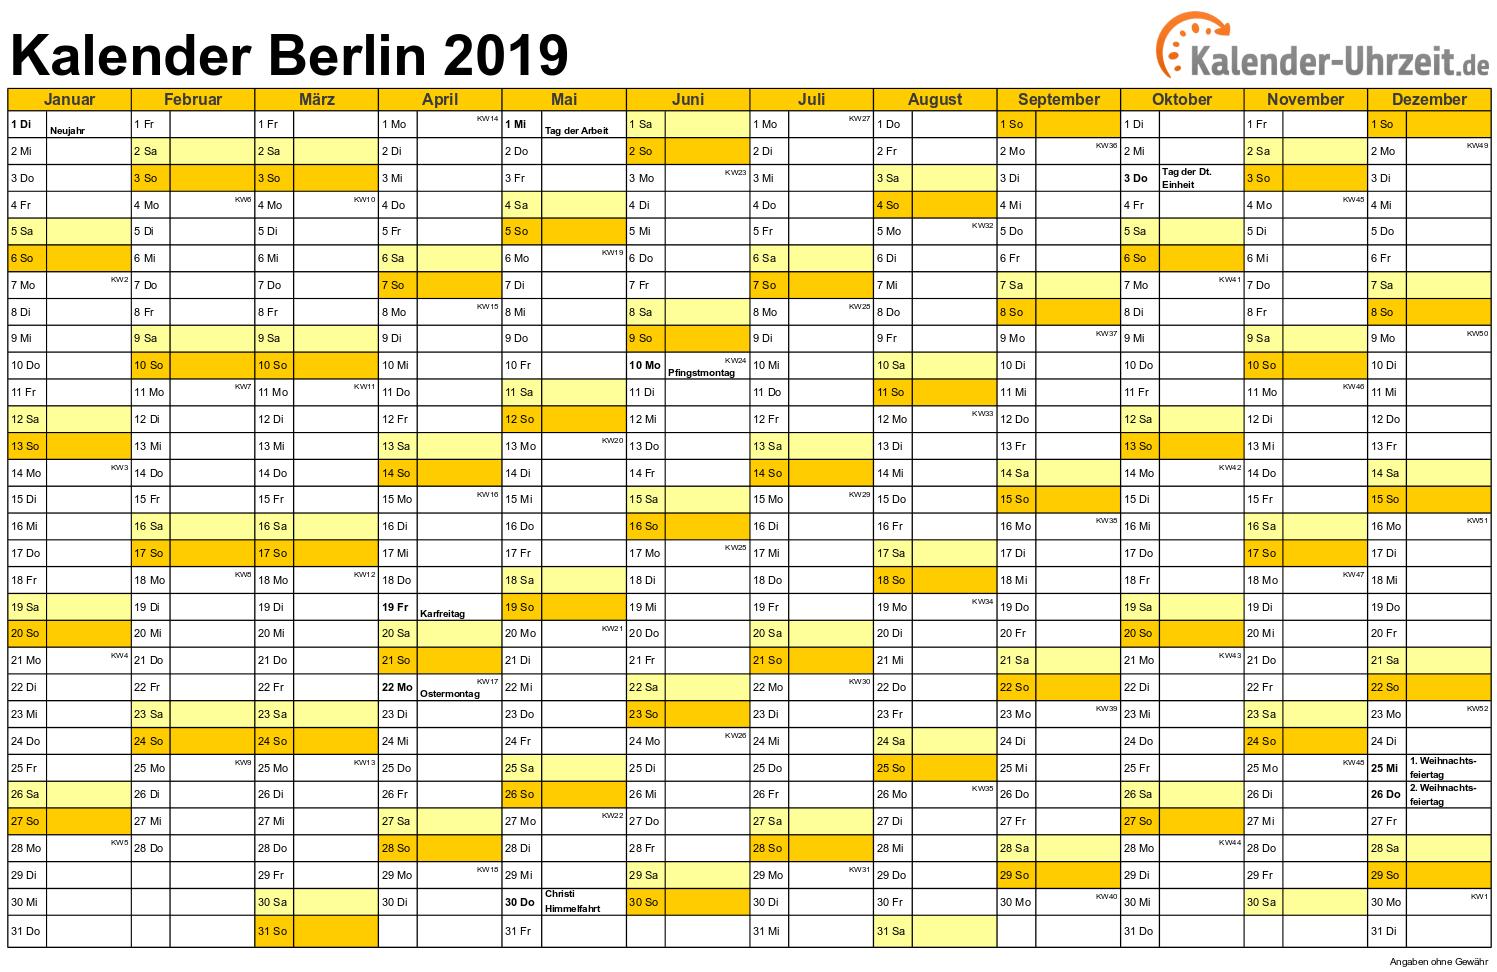 Berlin Kalender 2019 mit Feiertagen - quer-einseitig